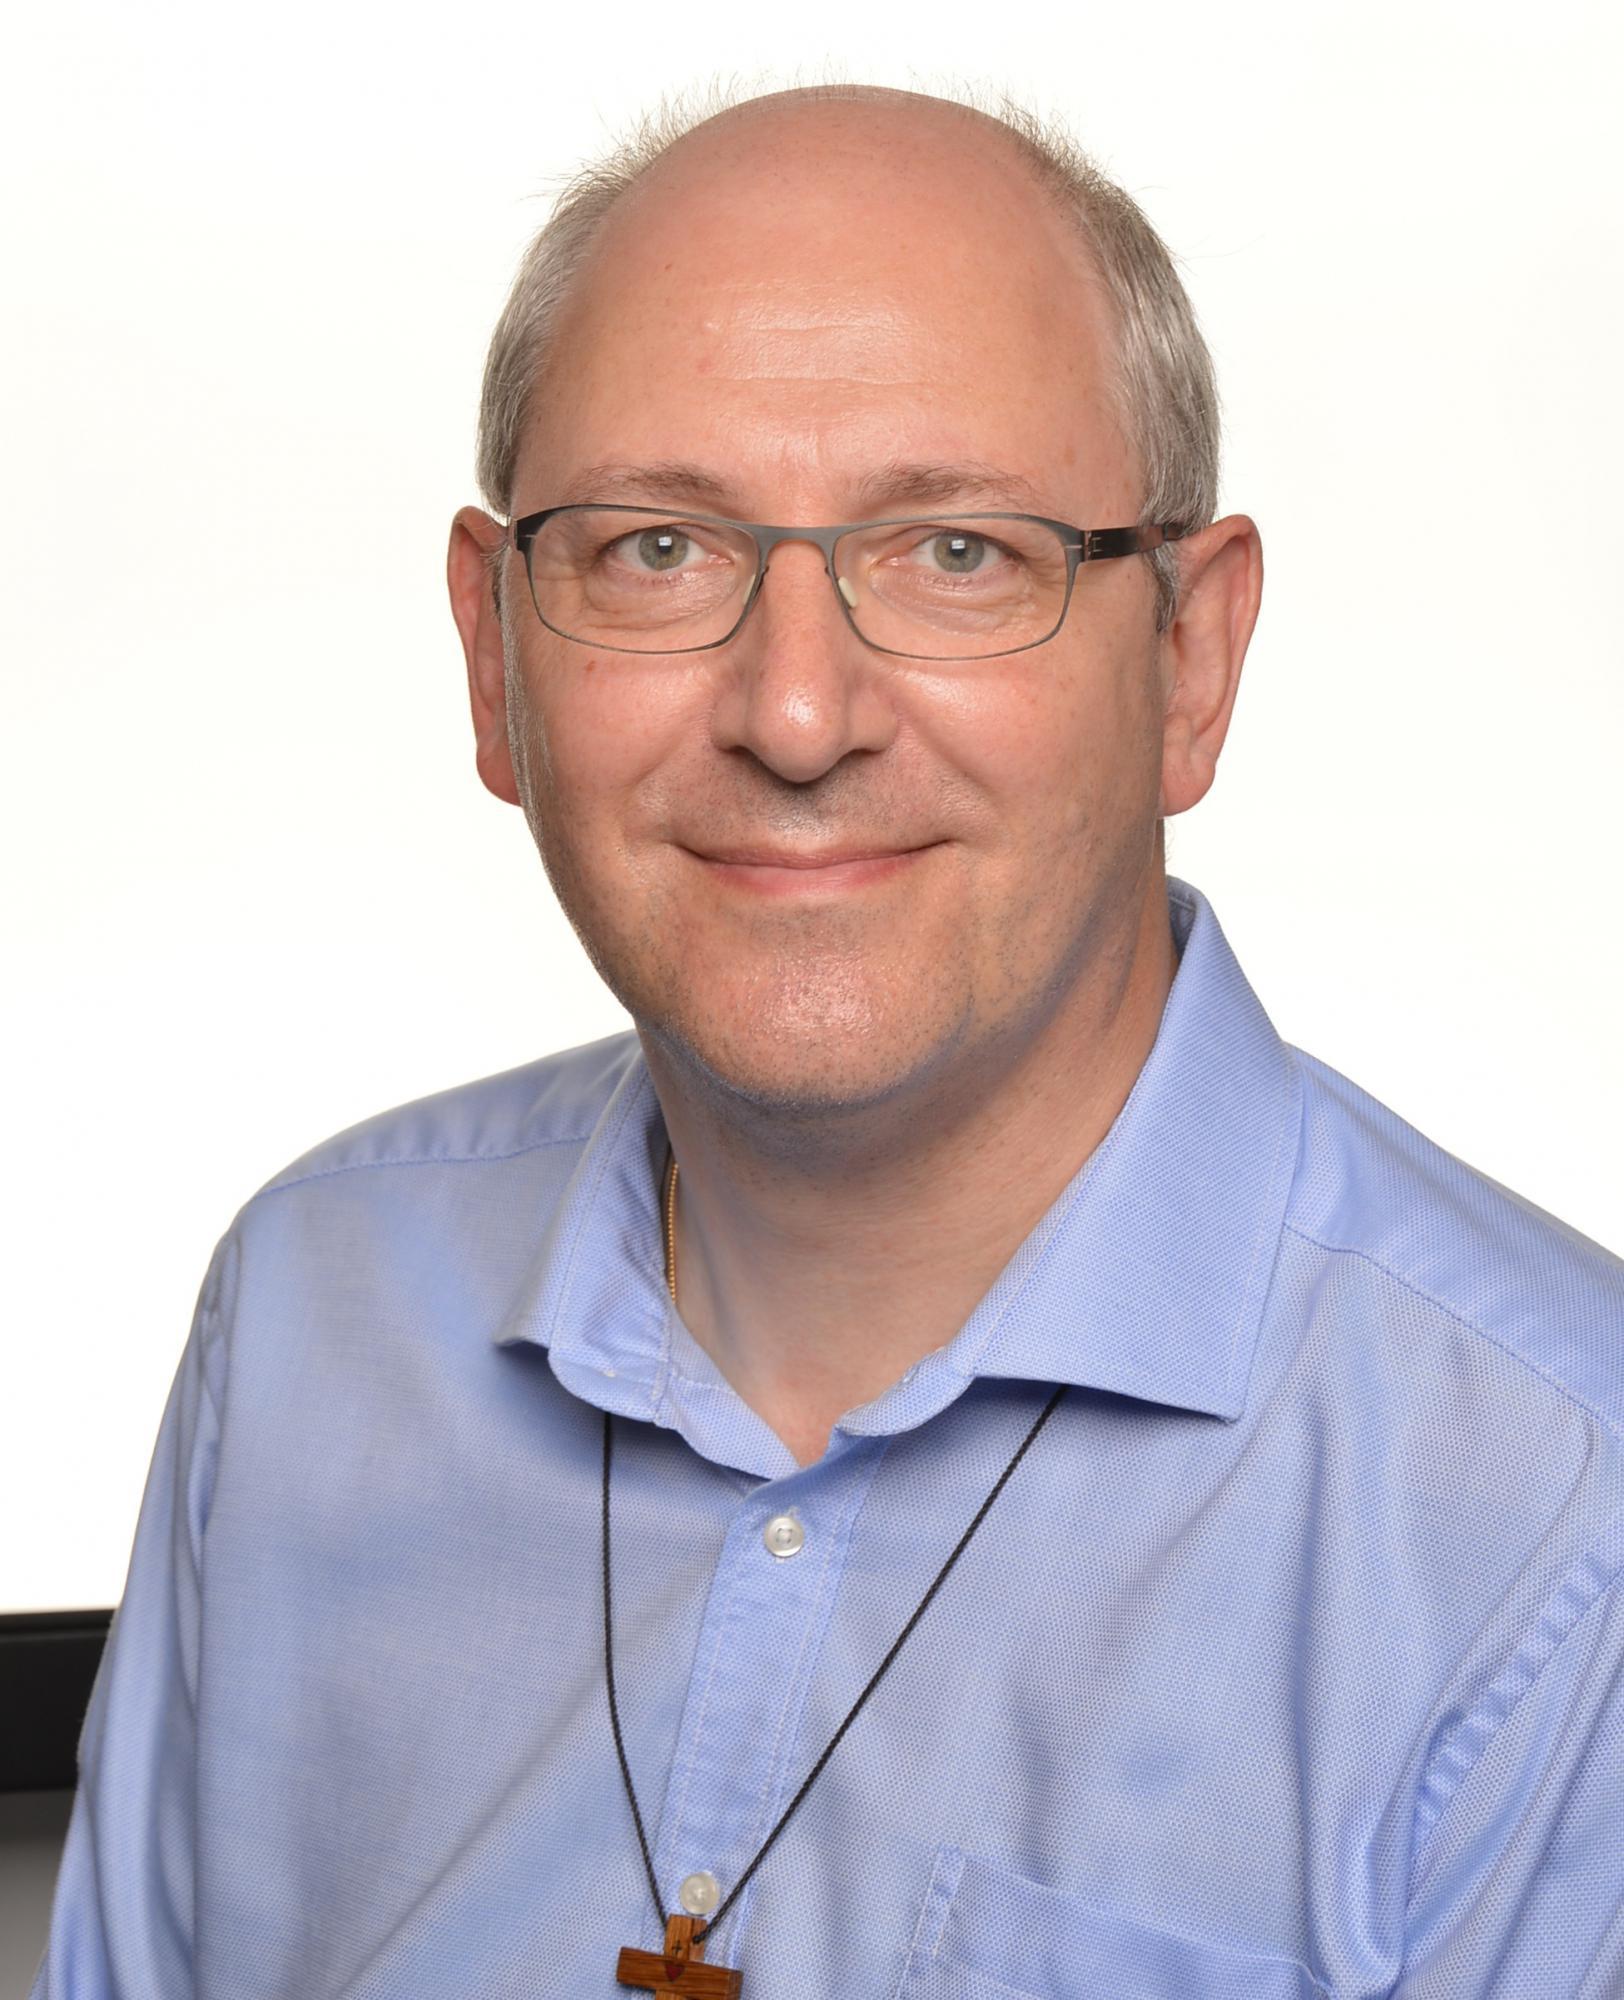 De bisschoppen hebben kanunnik Etienne Heyse (52), priester van het aartsbisdom Mechelen-Brussel, benoemd tot ziekenhuispastor van UZ Leuven © IPID